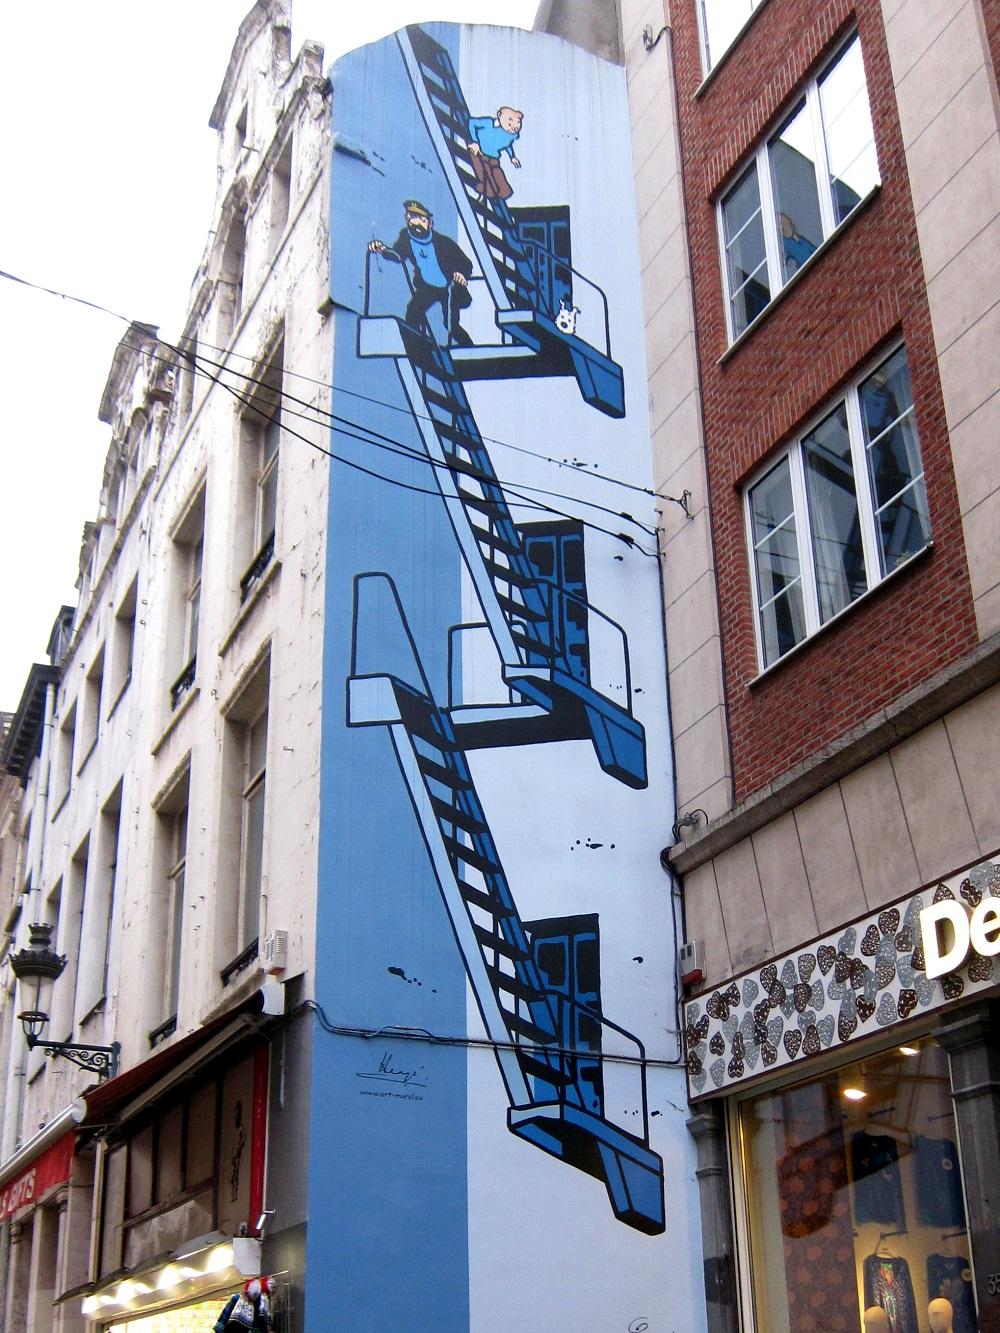 Bruxelles_street_art_2015